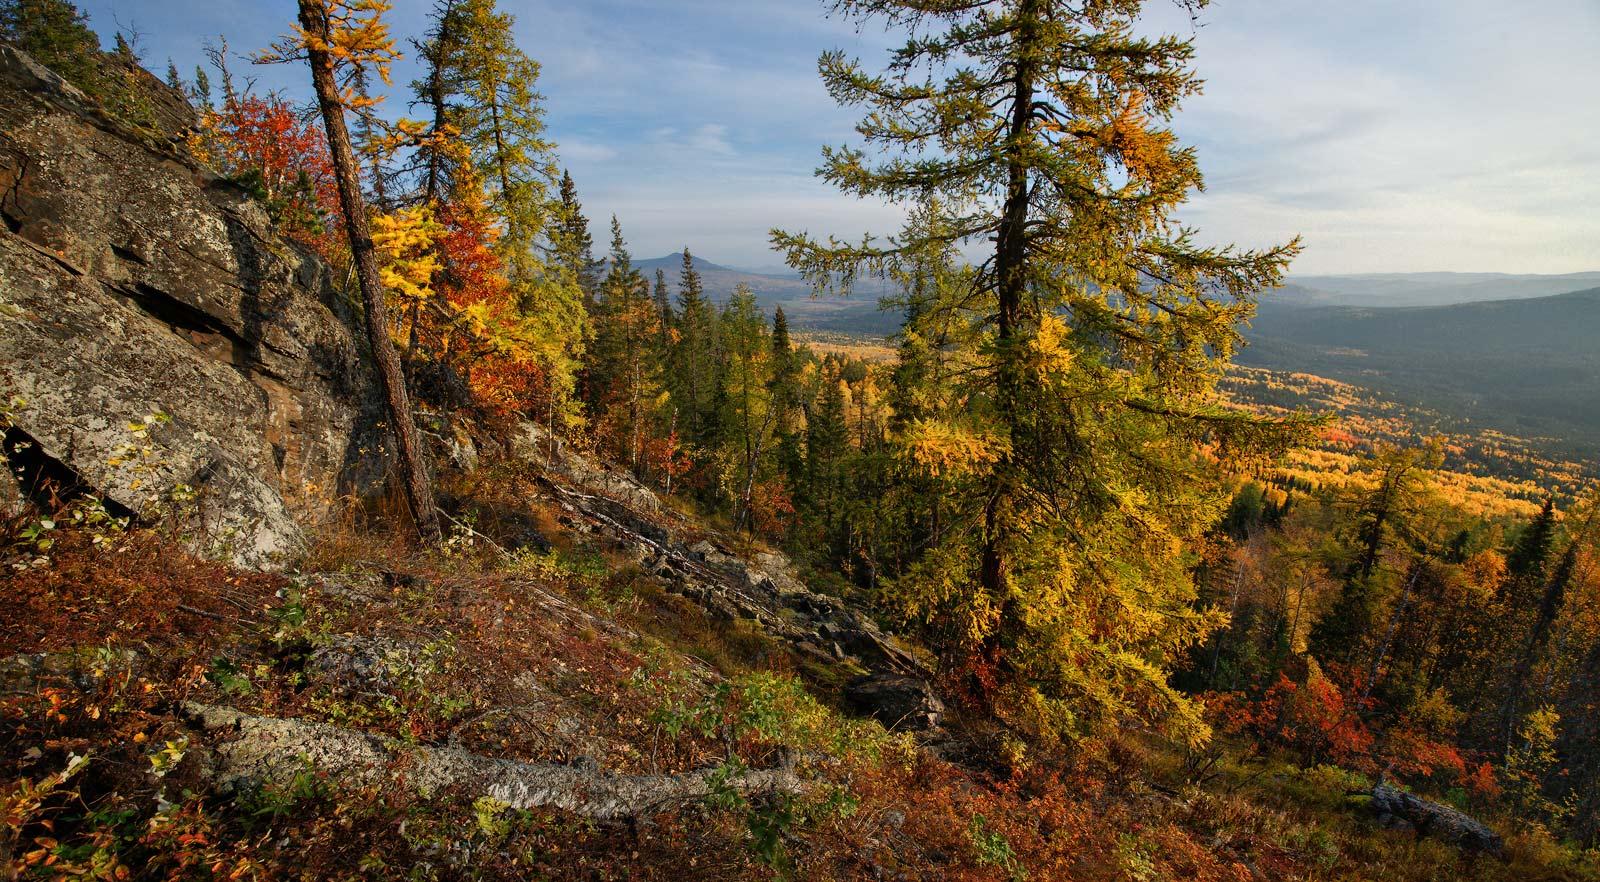 Осень урал фото 8